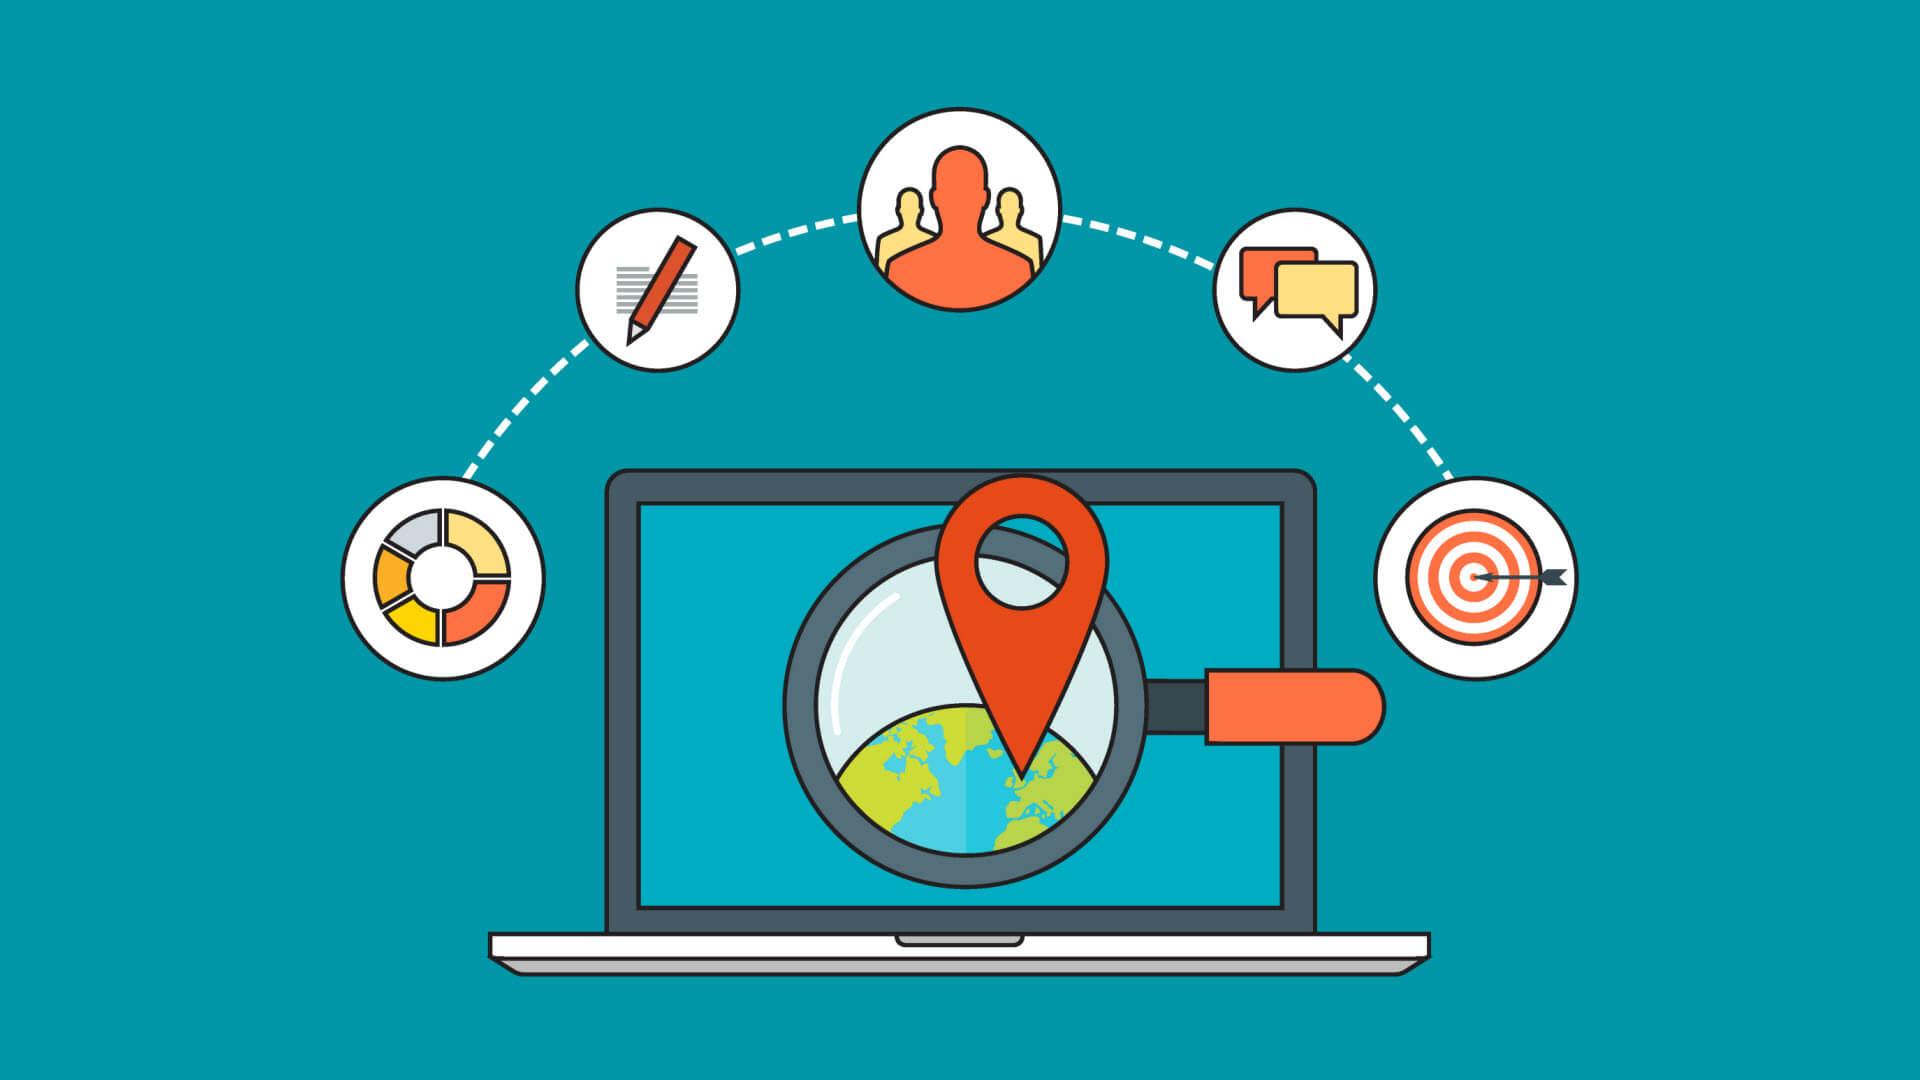 เซียนการตลาดจึงแนะนำให้ทำ SEO เว็บไซต์ปี 2019